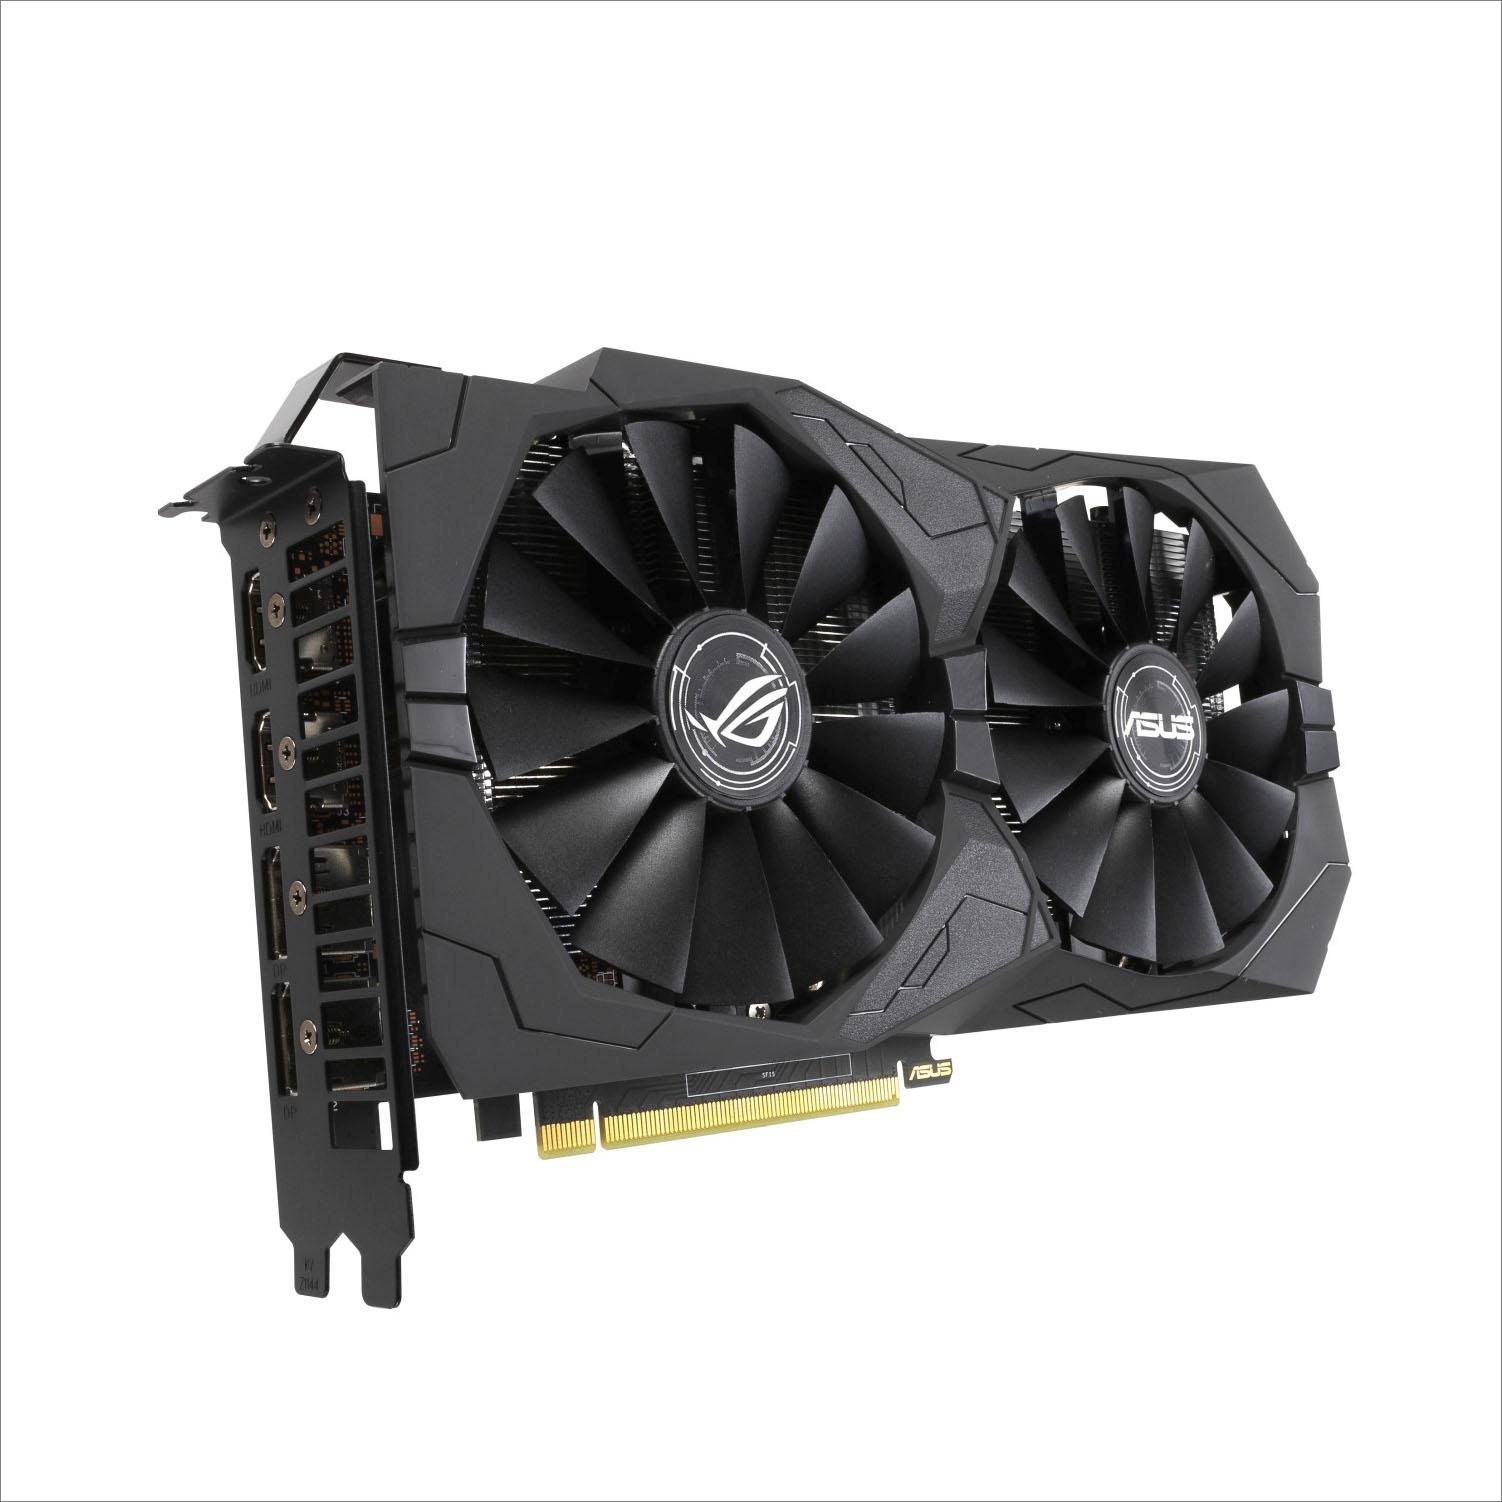 Asus zahájil v ČR prodej grafických karet GeForce GTX 1650 z řad ROG Strix, Dual a Phoenix